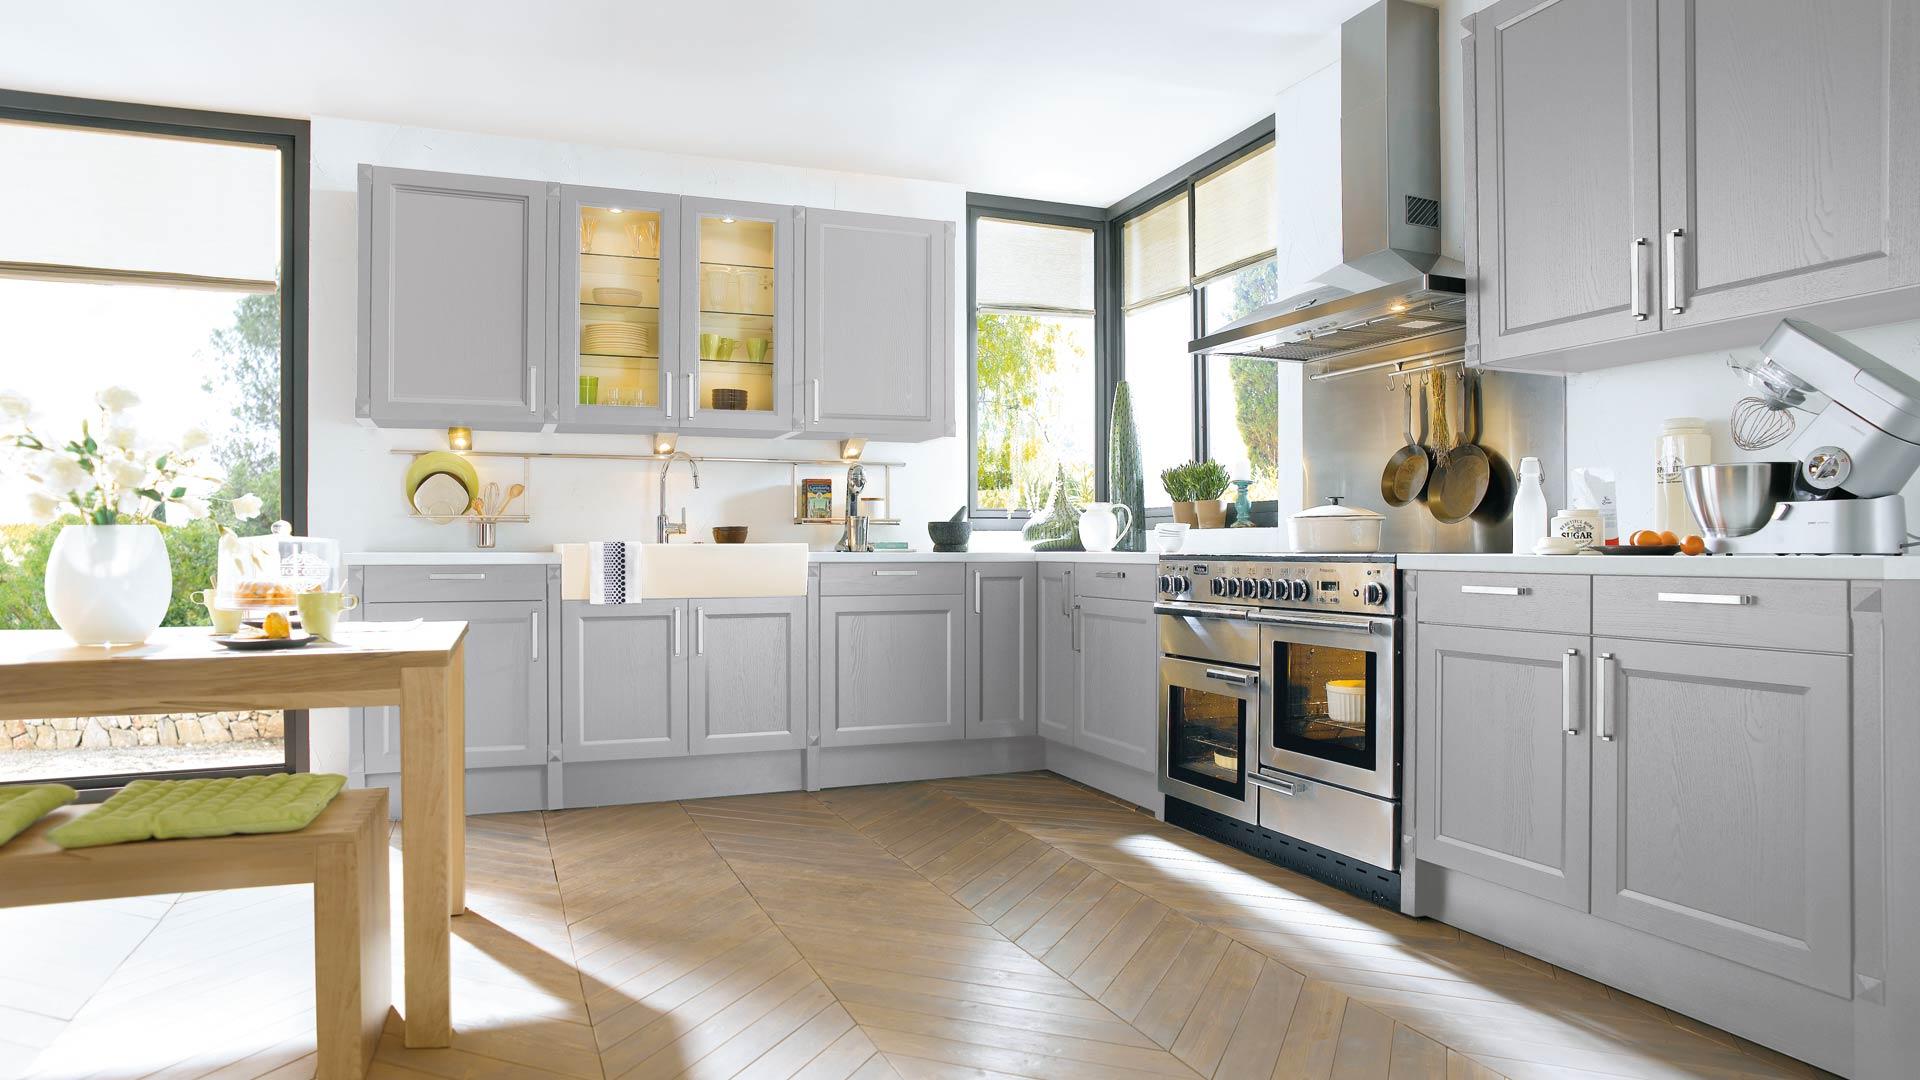 cremefarbene k che ikea k che duktig pimpen scheibengardine modern spritzschutz glas 80 x 60. Black Bedroom Furniture Sets. Home Design Ideas